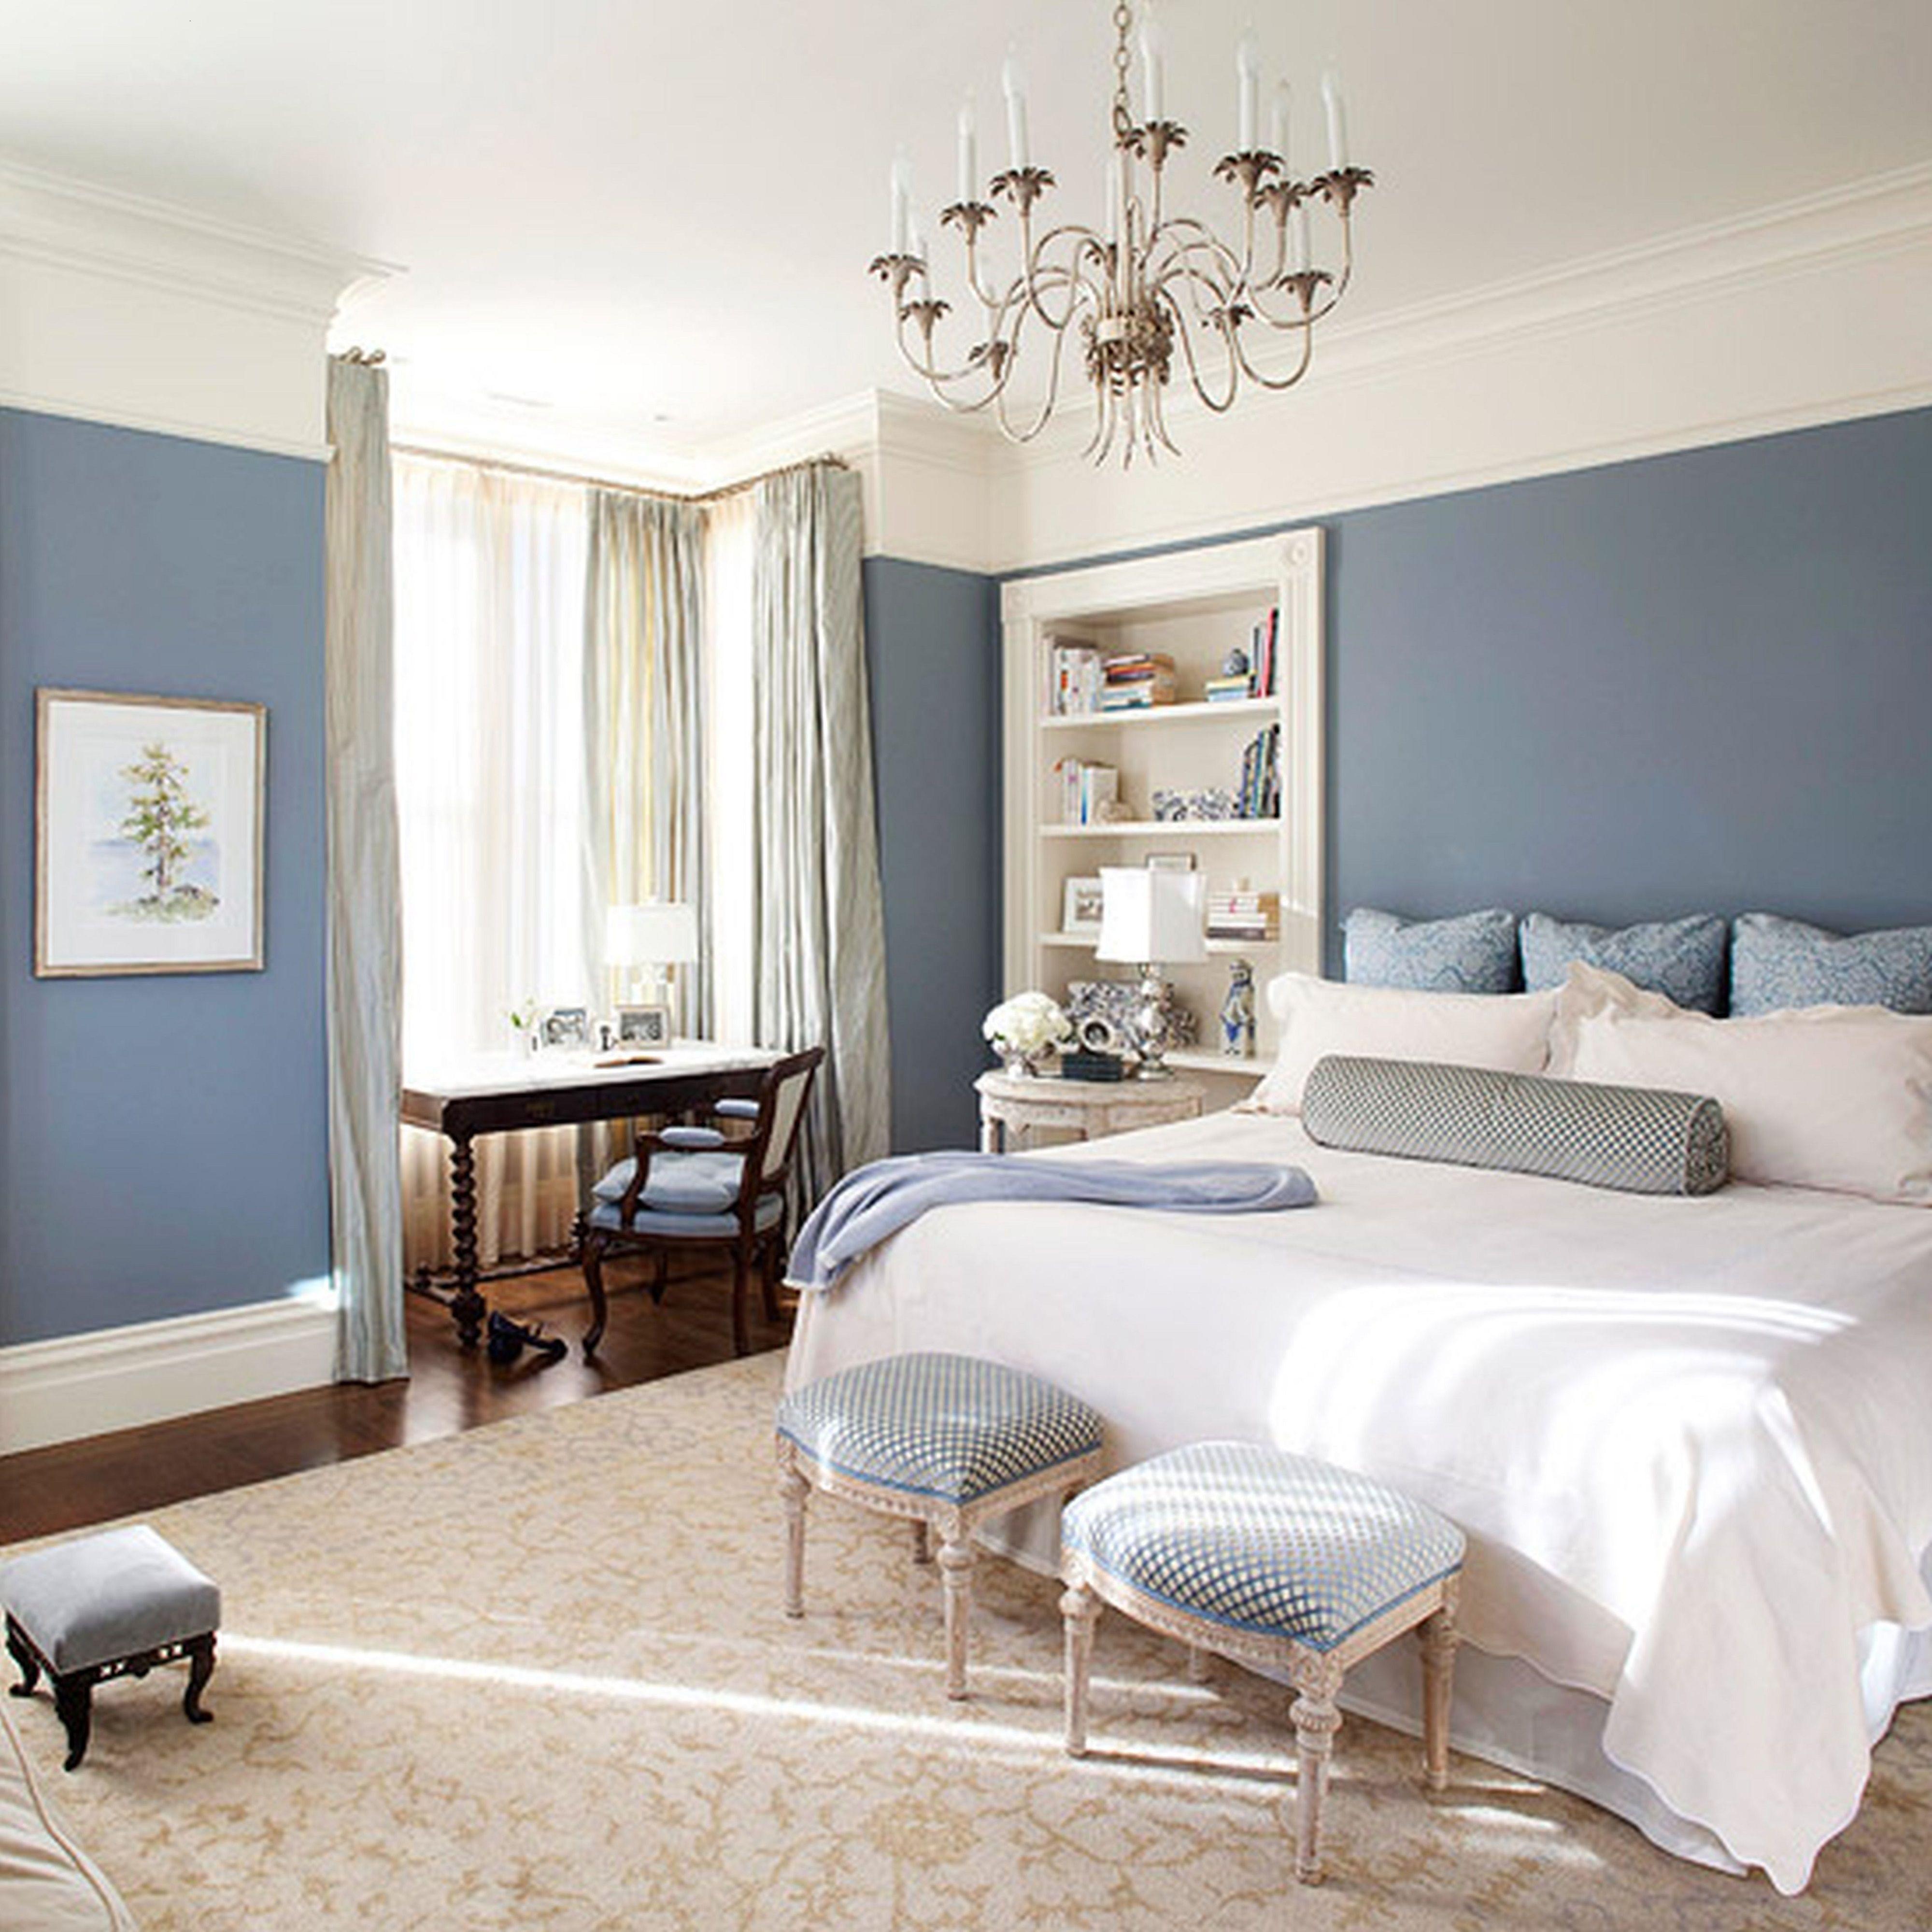 Romantisches schlafzimmer interieur romantische pendelleuchten schlafzimmer ideen   badezimmer